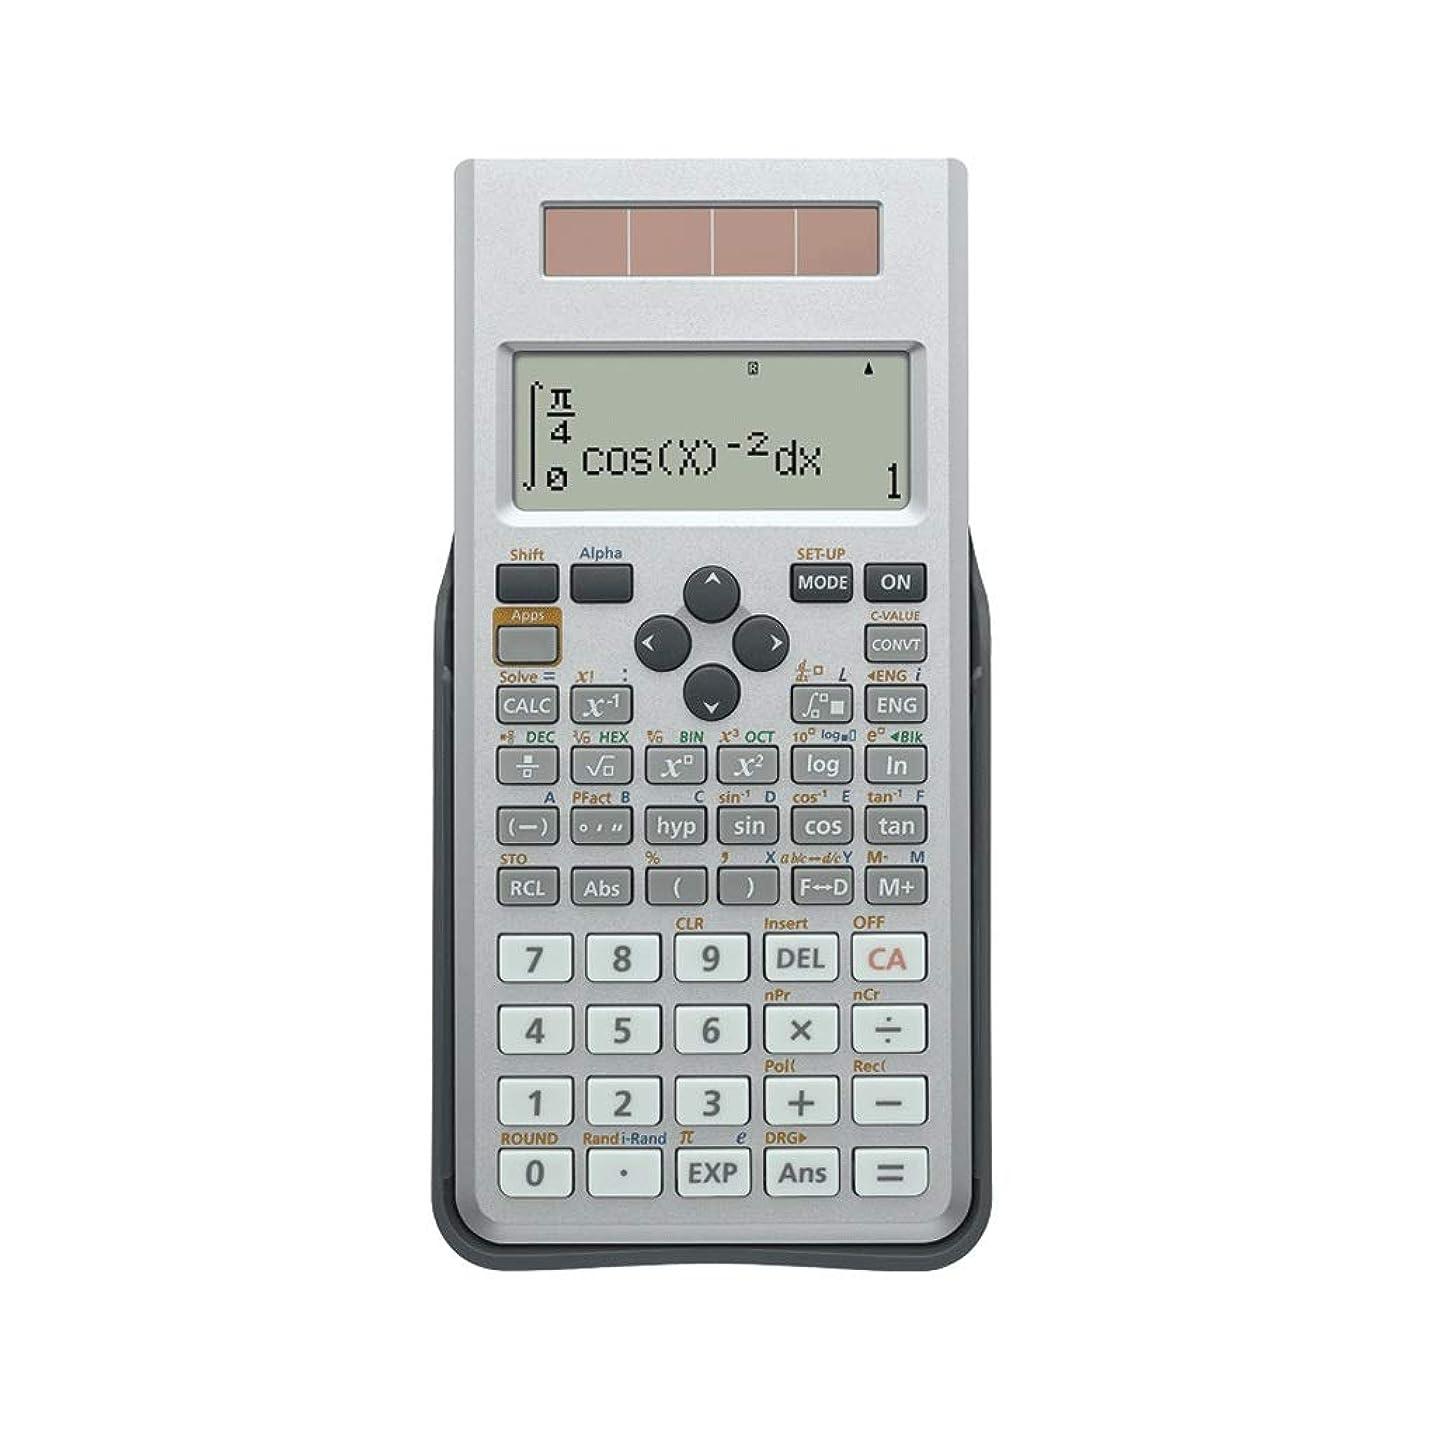 不十分なコンペおんどり電卓 学生 試験 科学機能 LED HD 4グリッドディスプレイ デュアルパワー 多機能電卓 高校電卓 オフィス